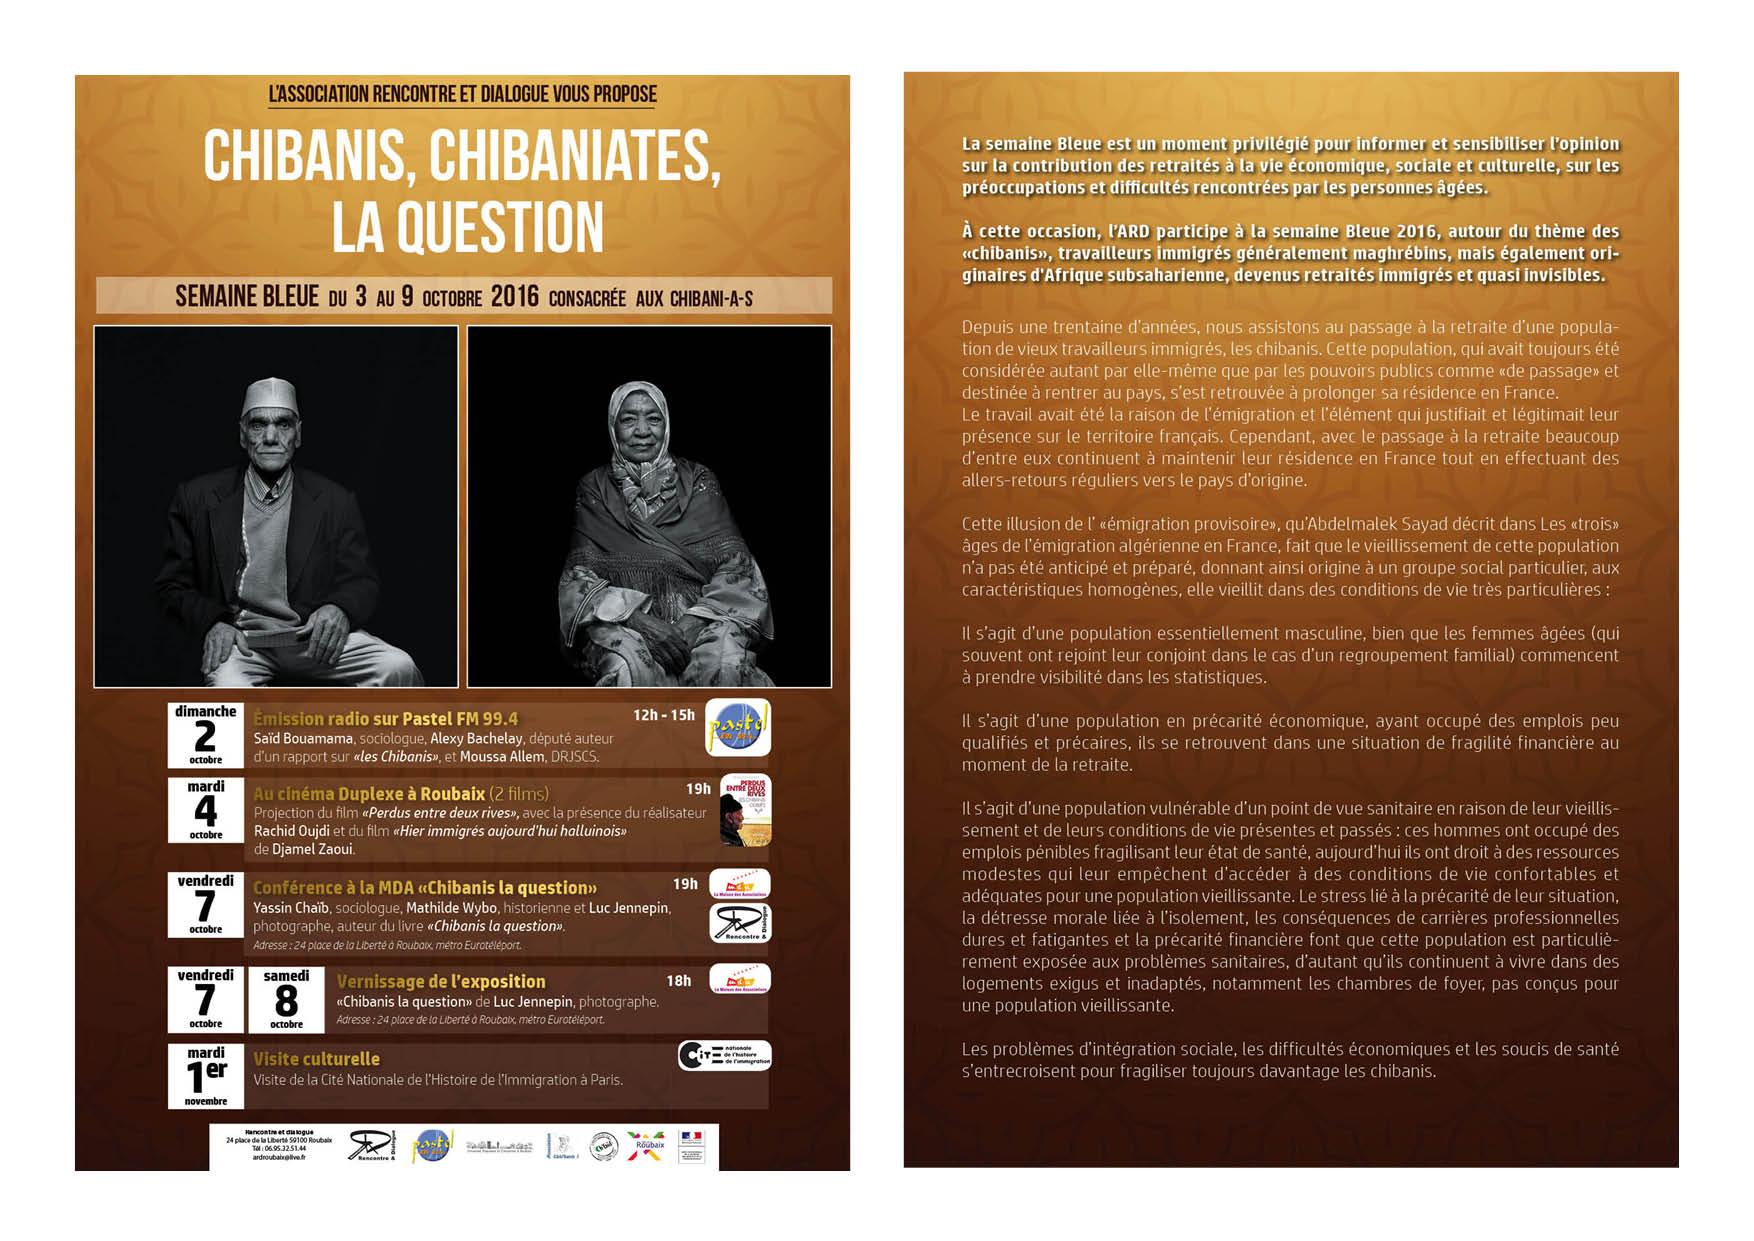 http://www.saphirnews.com/agenda/Projection-du-film-Perdus-entre-deux-rives-les-chibanis-oublies-de-Rachid-Oujdi_ae413859.html